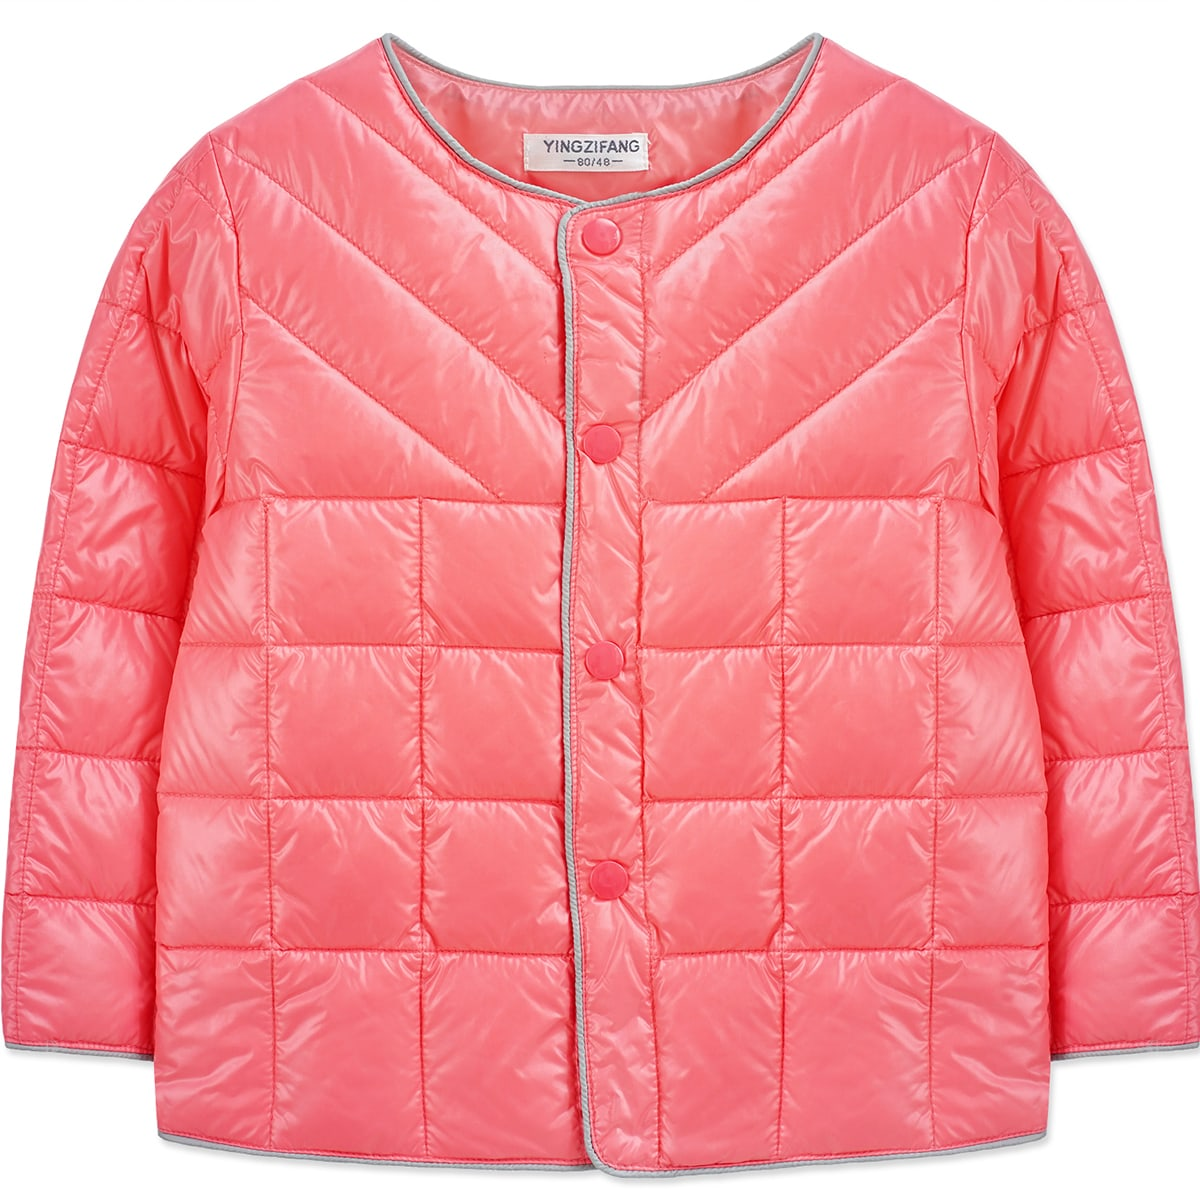 Однобортный одноцветный повседневный пальто для маленьких девочек